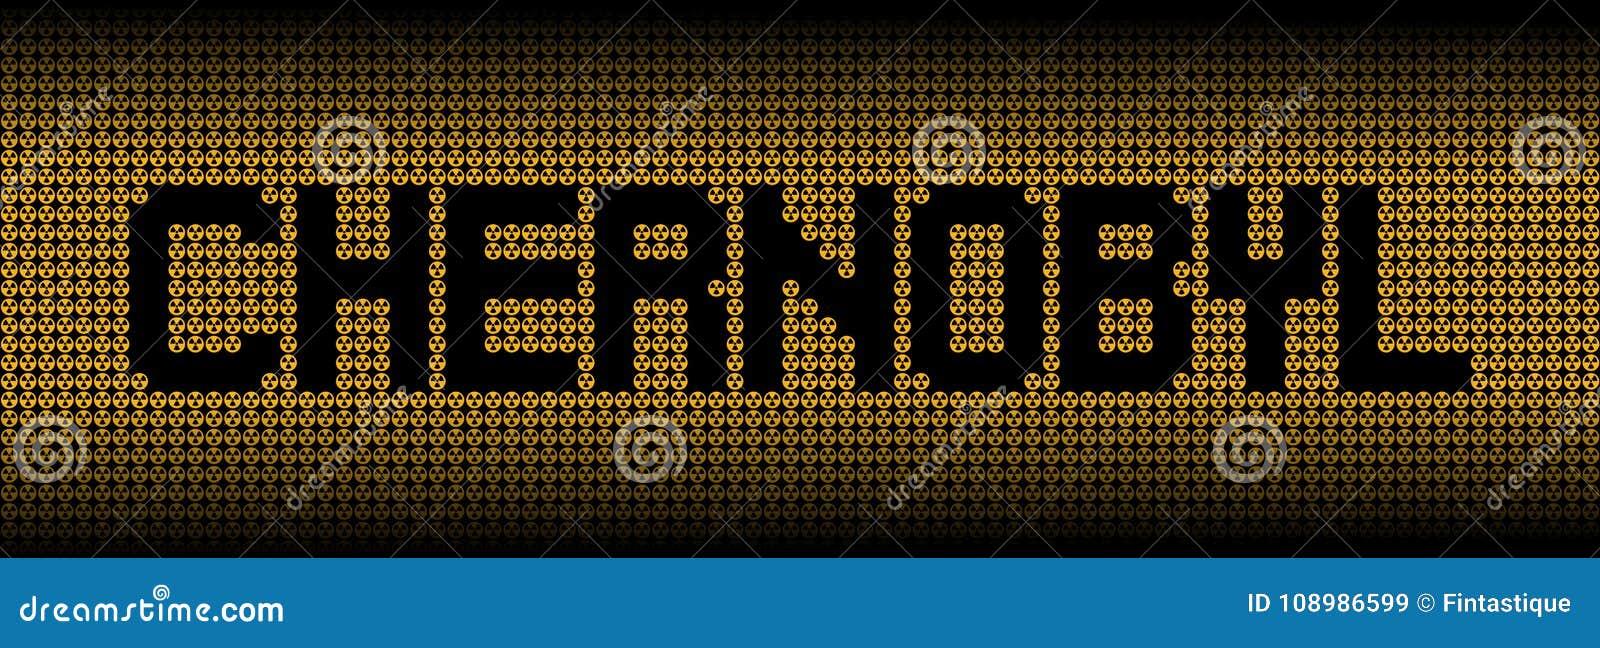 Chernobyl Text On Radioactive Warning Symbols Illustration Stock